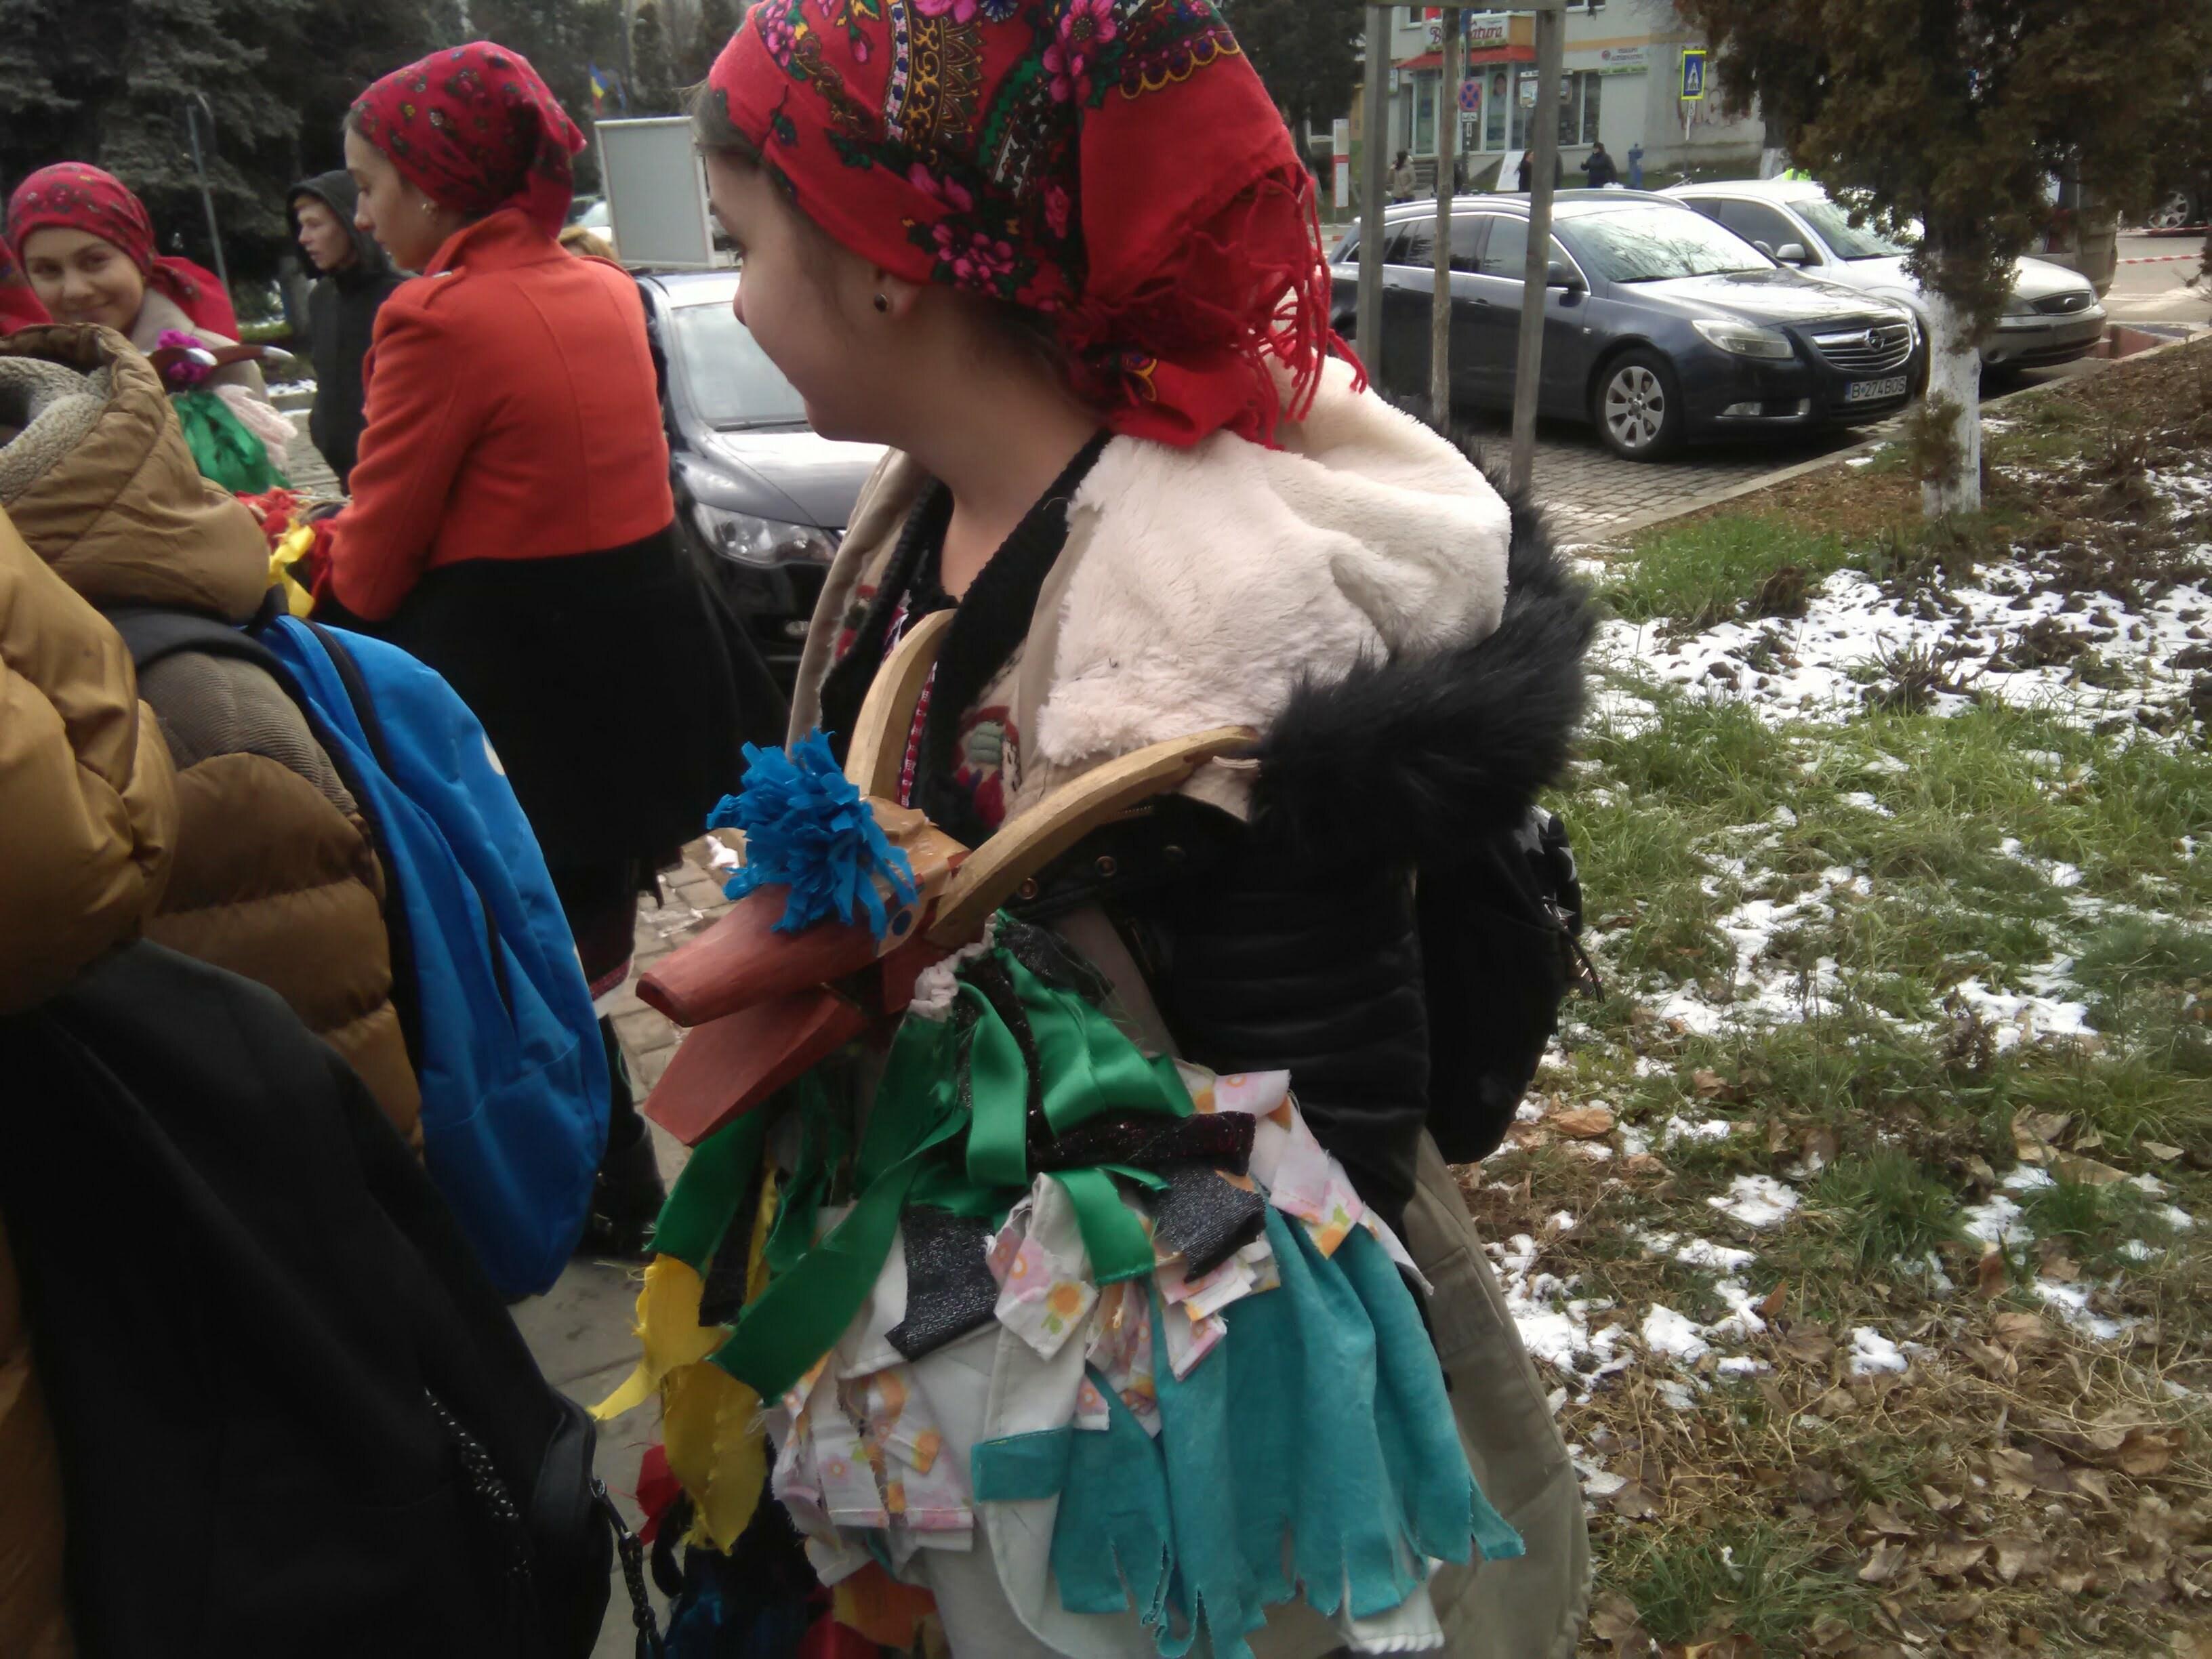 """Botoșani,17-18 decembrie, cea de-a 42-a ediție a Festivalului de datini și obiceiuri de iarnă """"Din străbuni, din oameni buni"""" – GALERIE FOTO"""